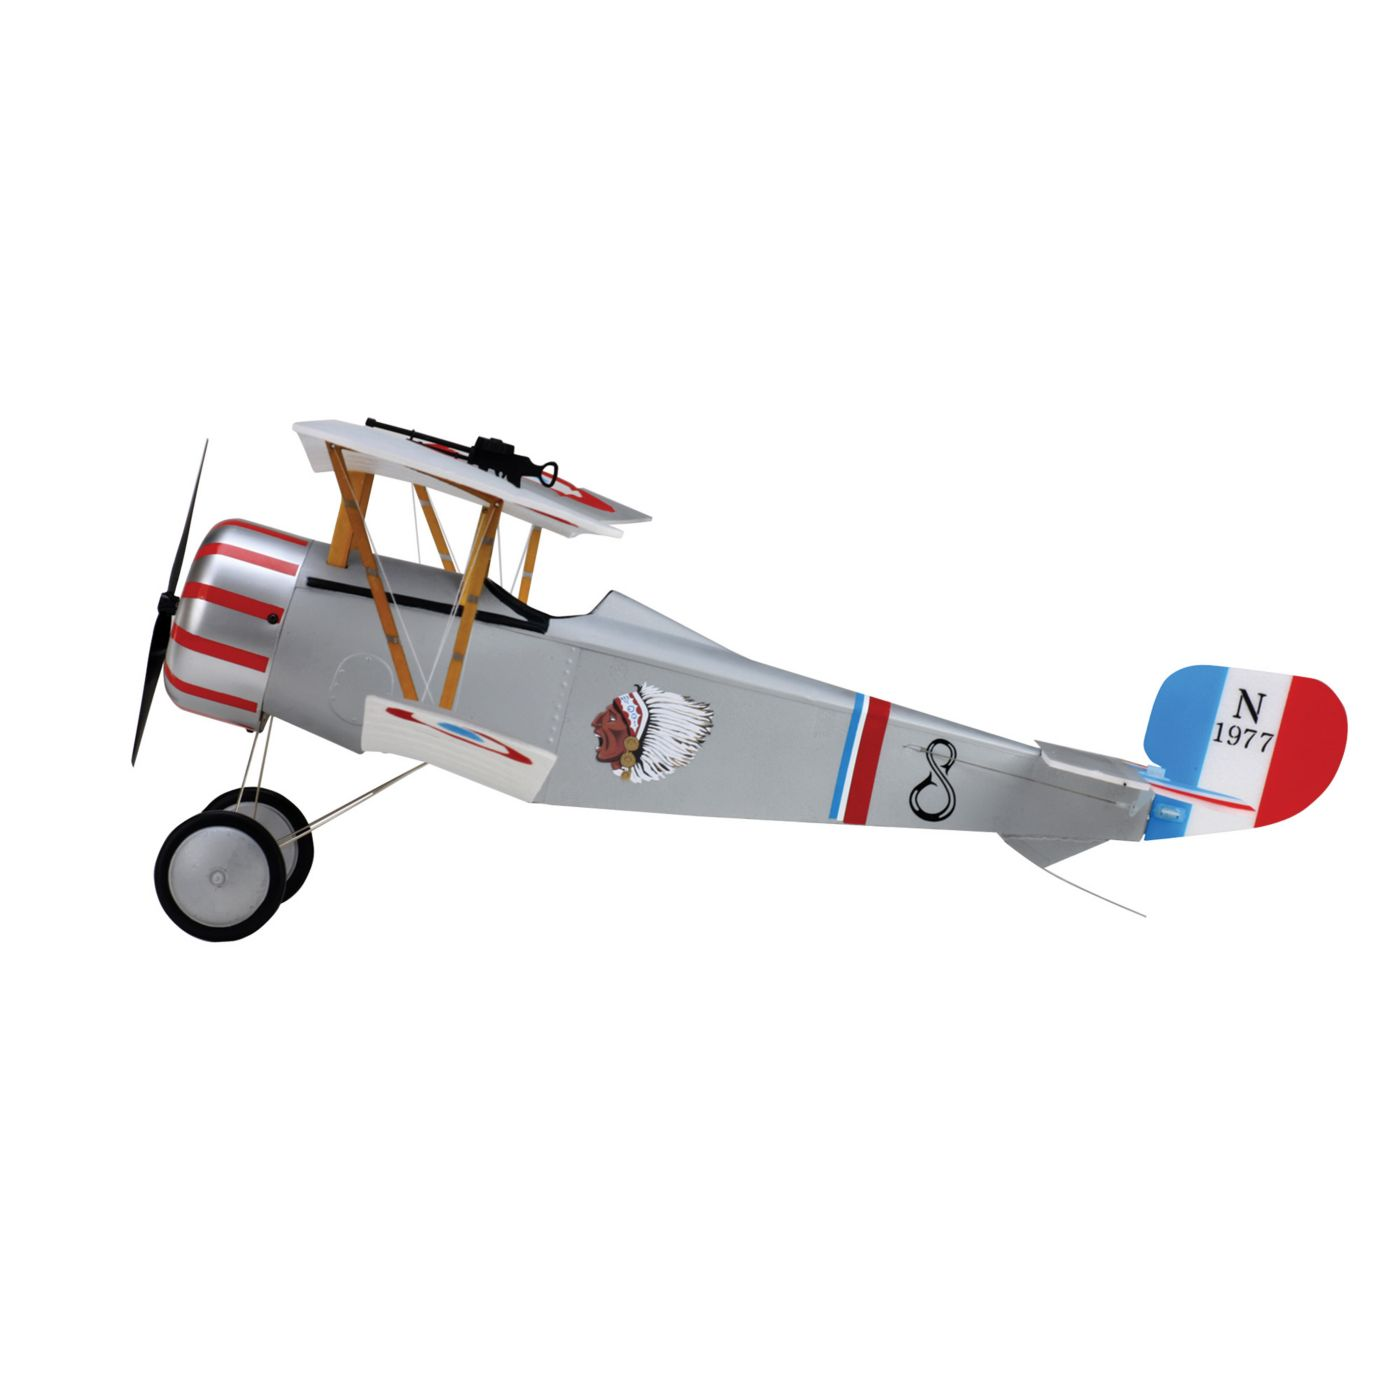 Nieuport 17 E-flite